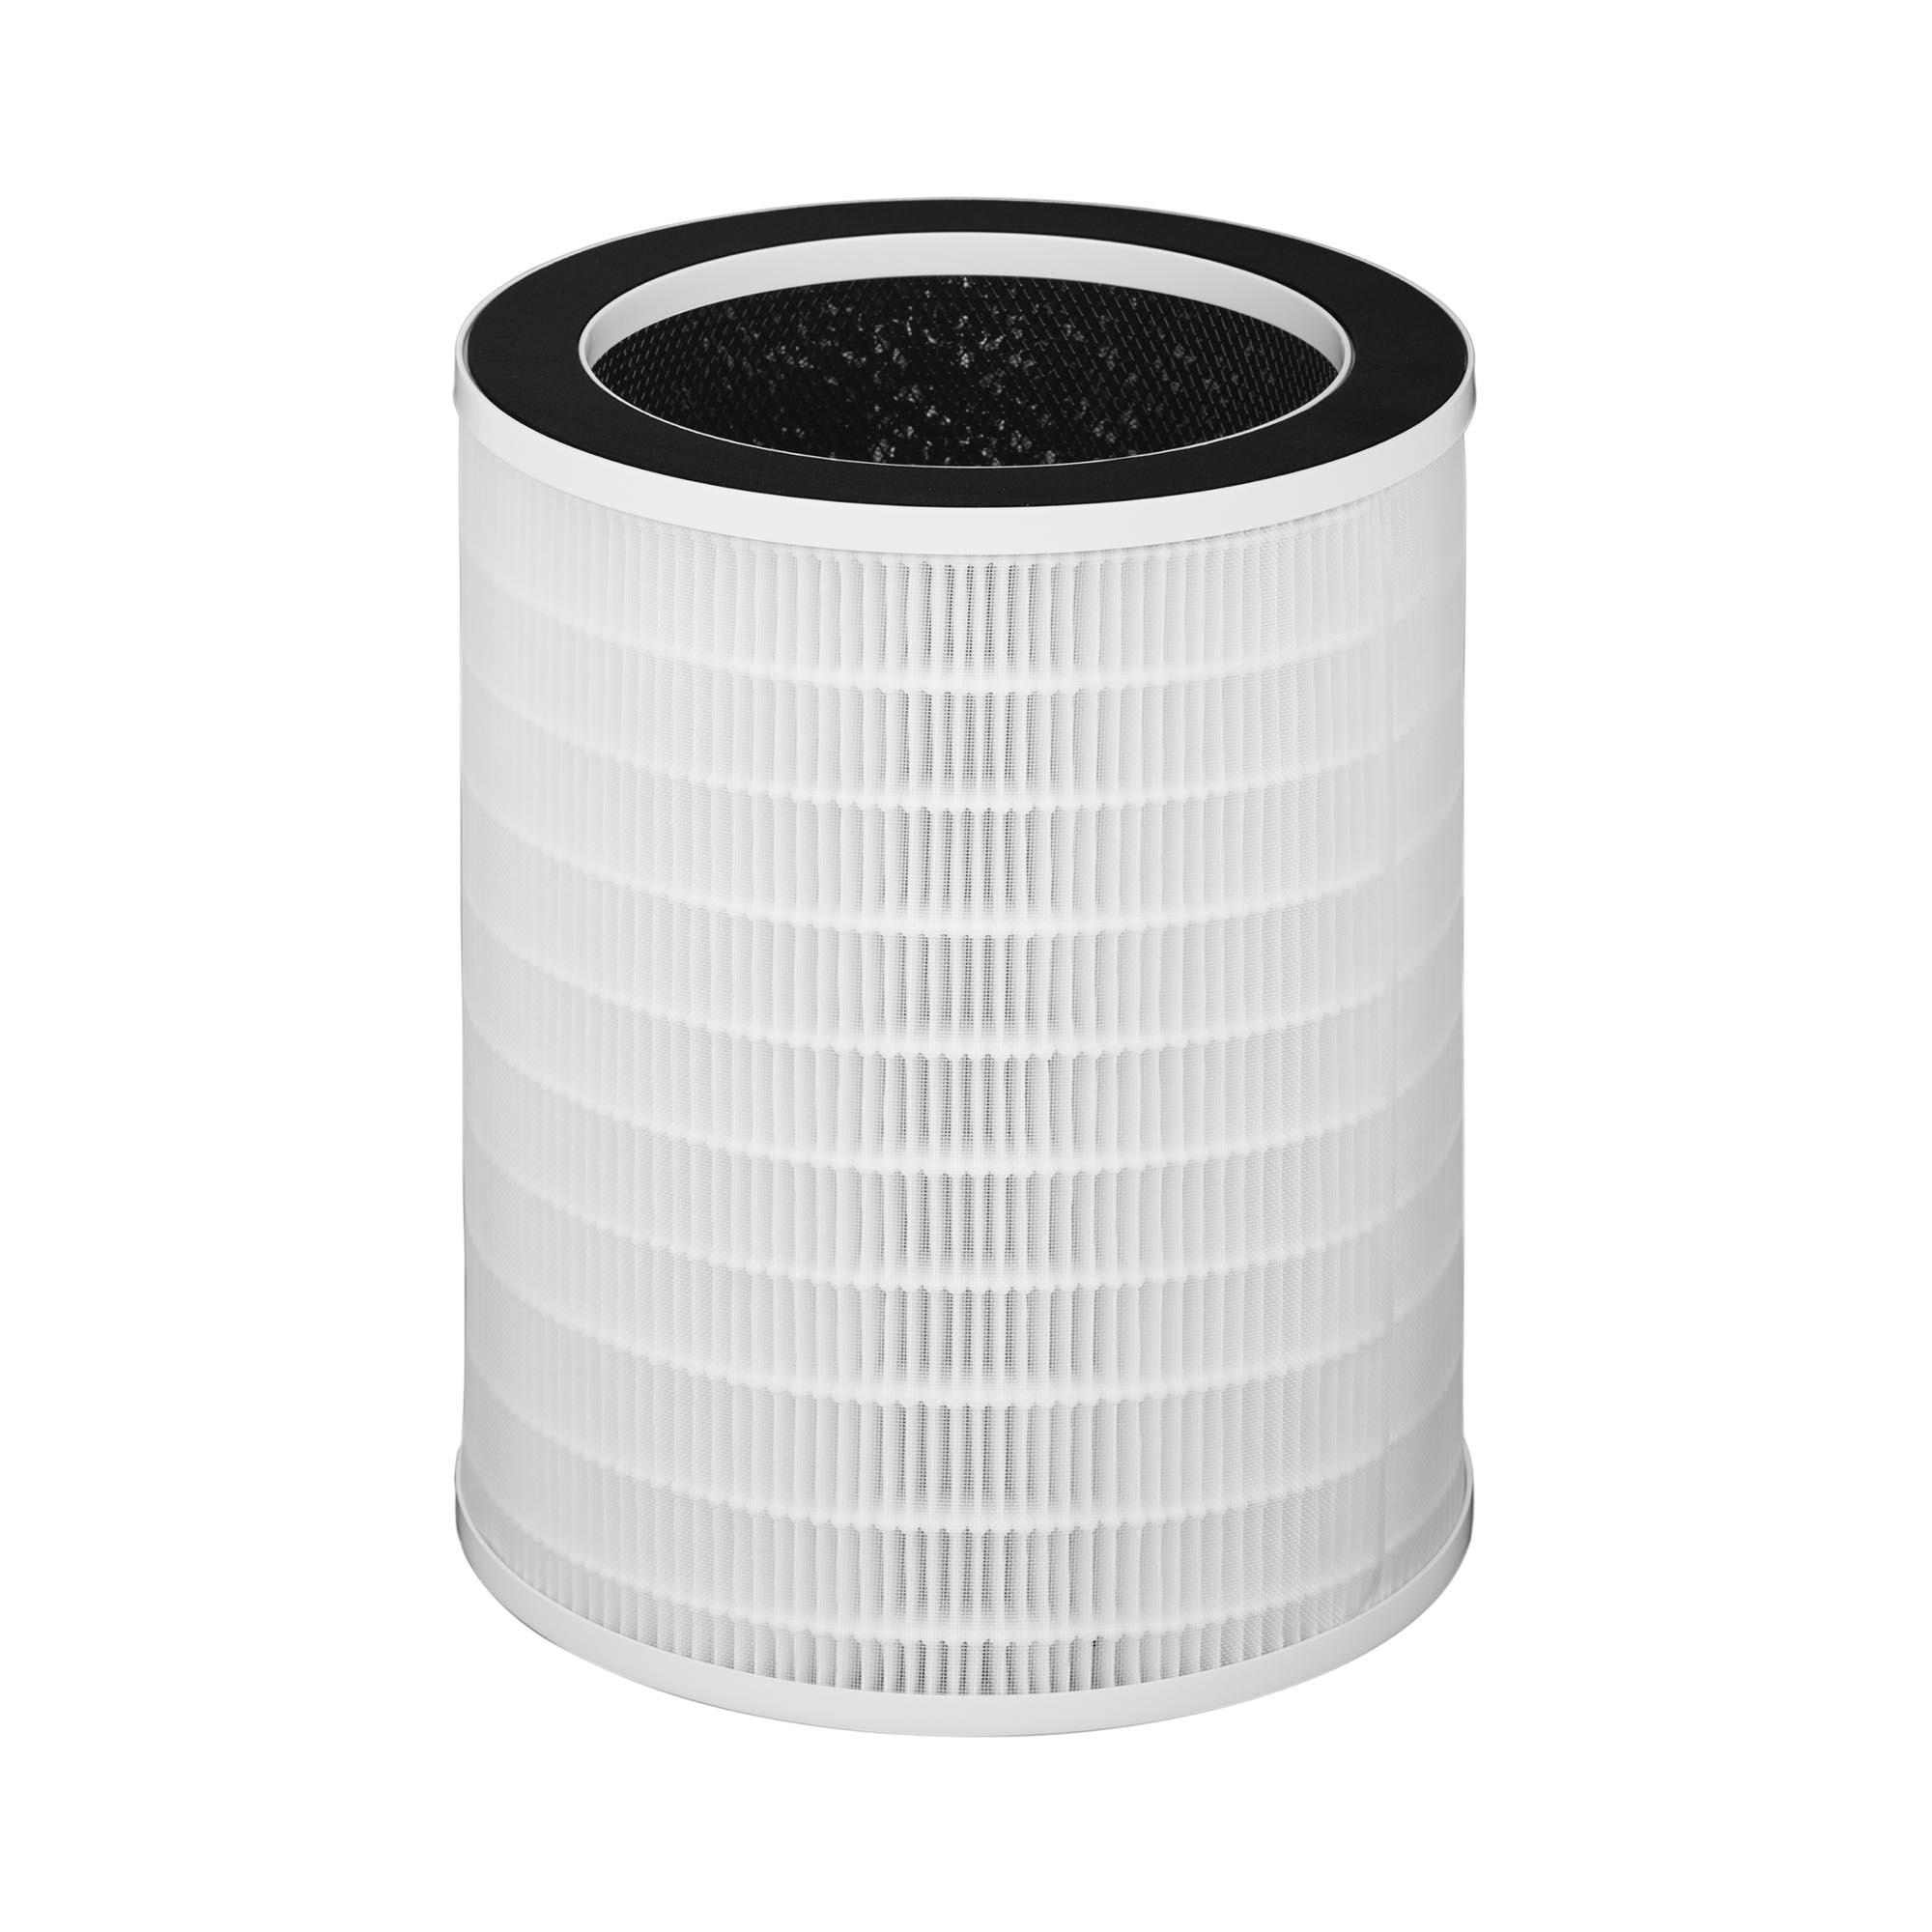 Uniprodo 3-Stufen-Filter für Luftreiniger UNI_AIR PURIFIER_02 UNI_AIR PURIFIER FILTER_02